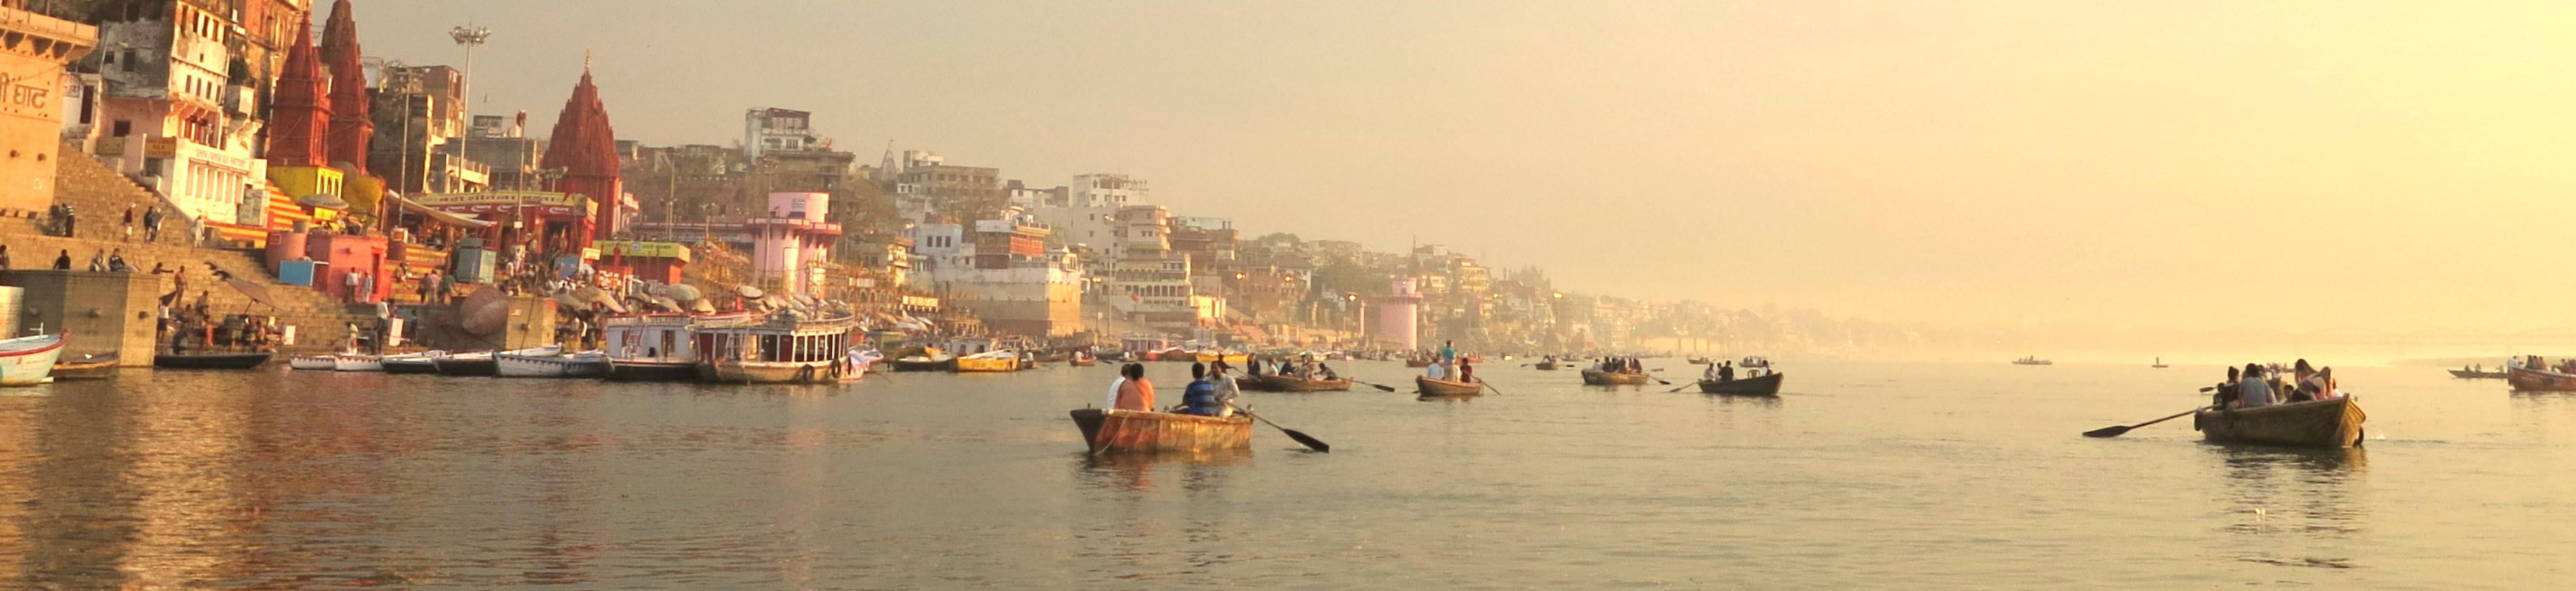 Índia Jyun